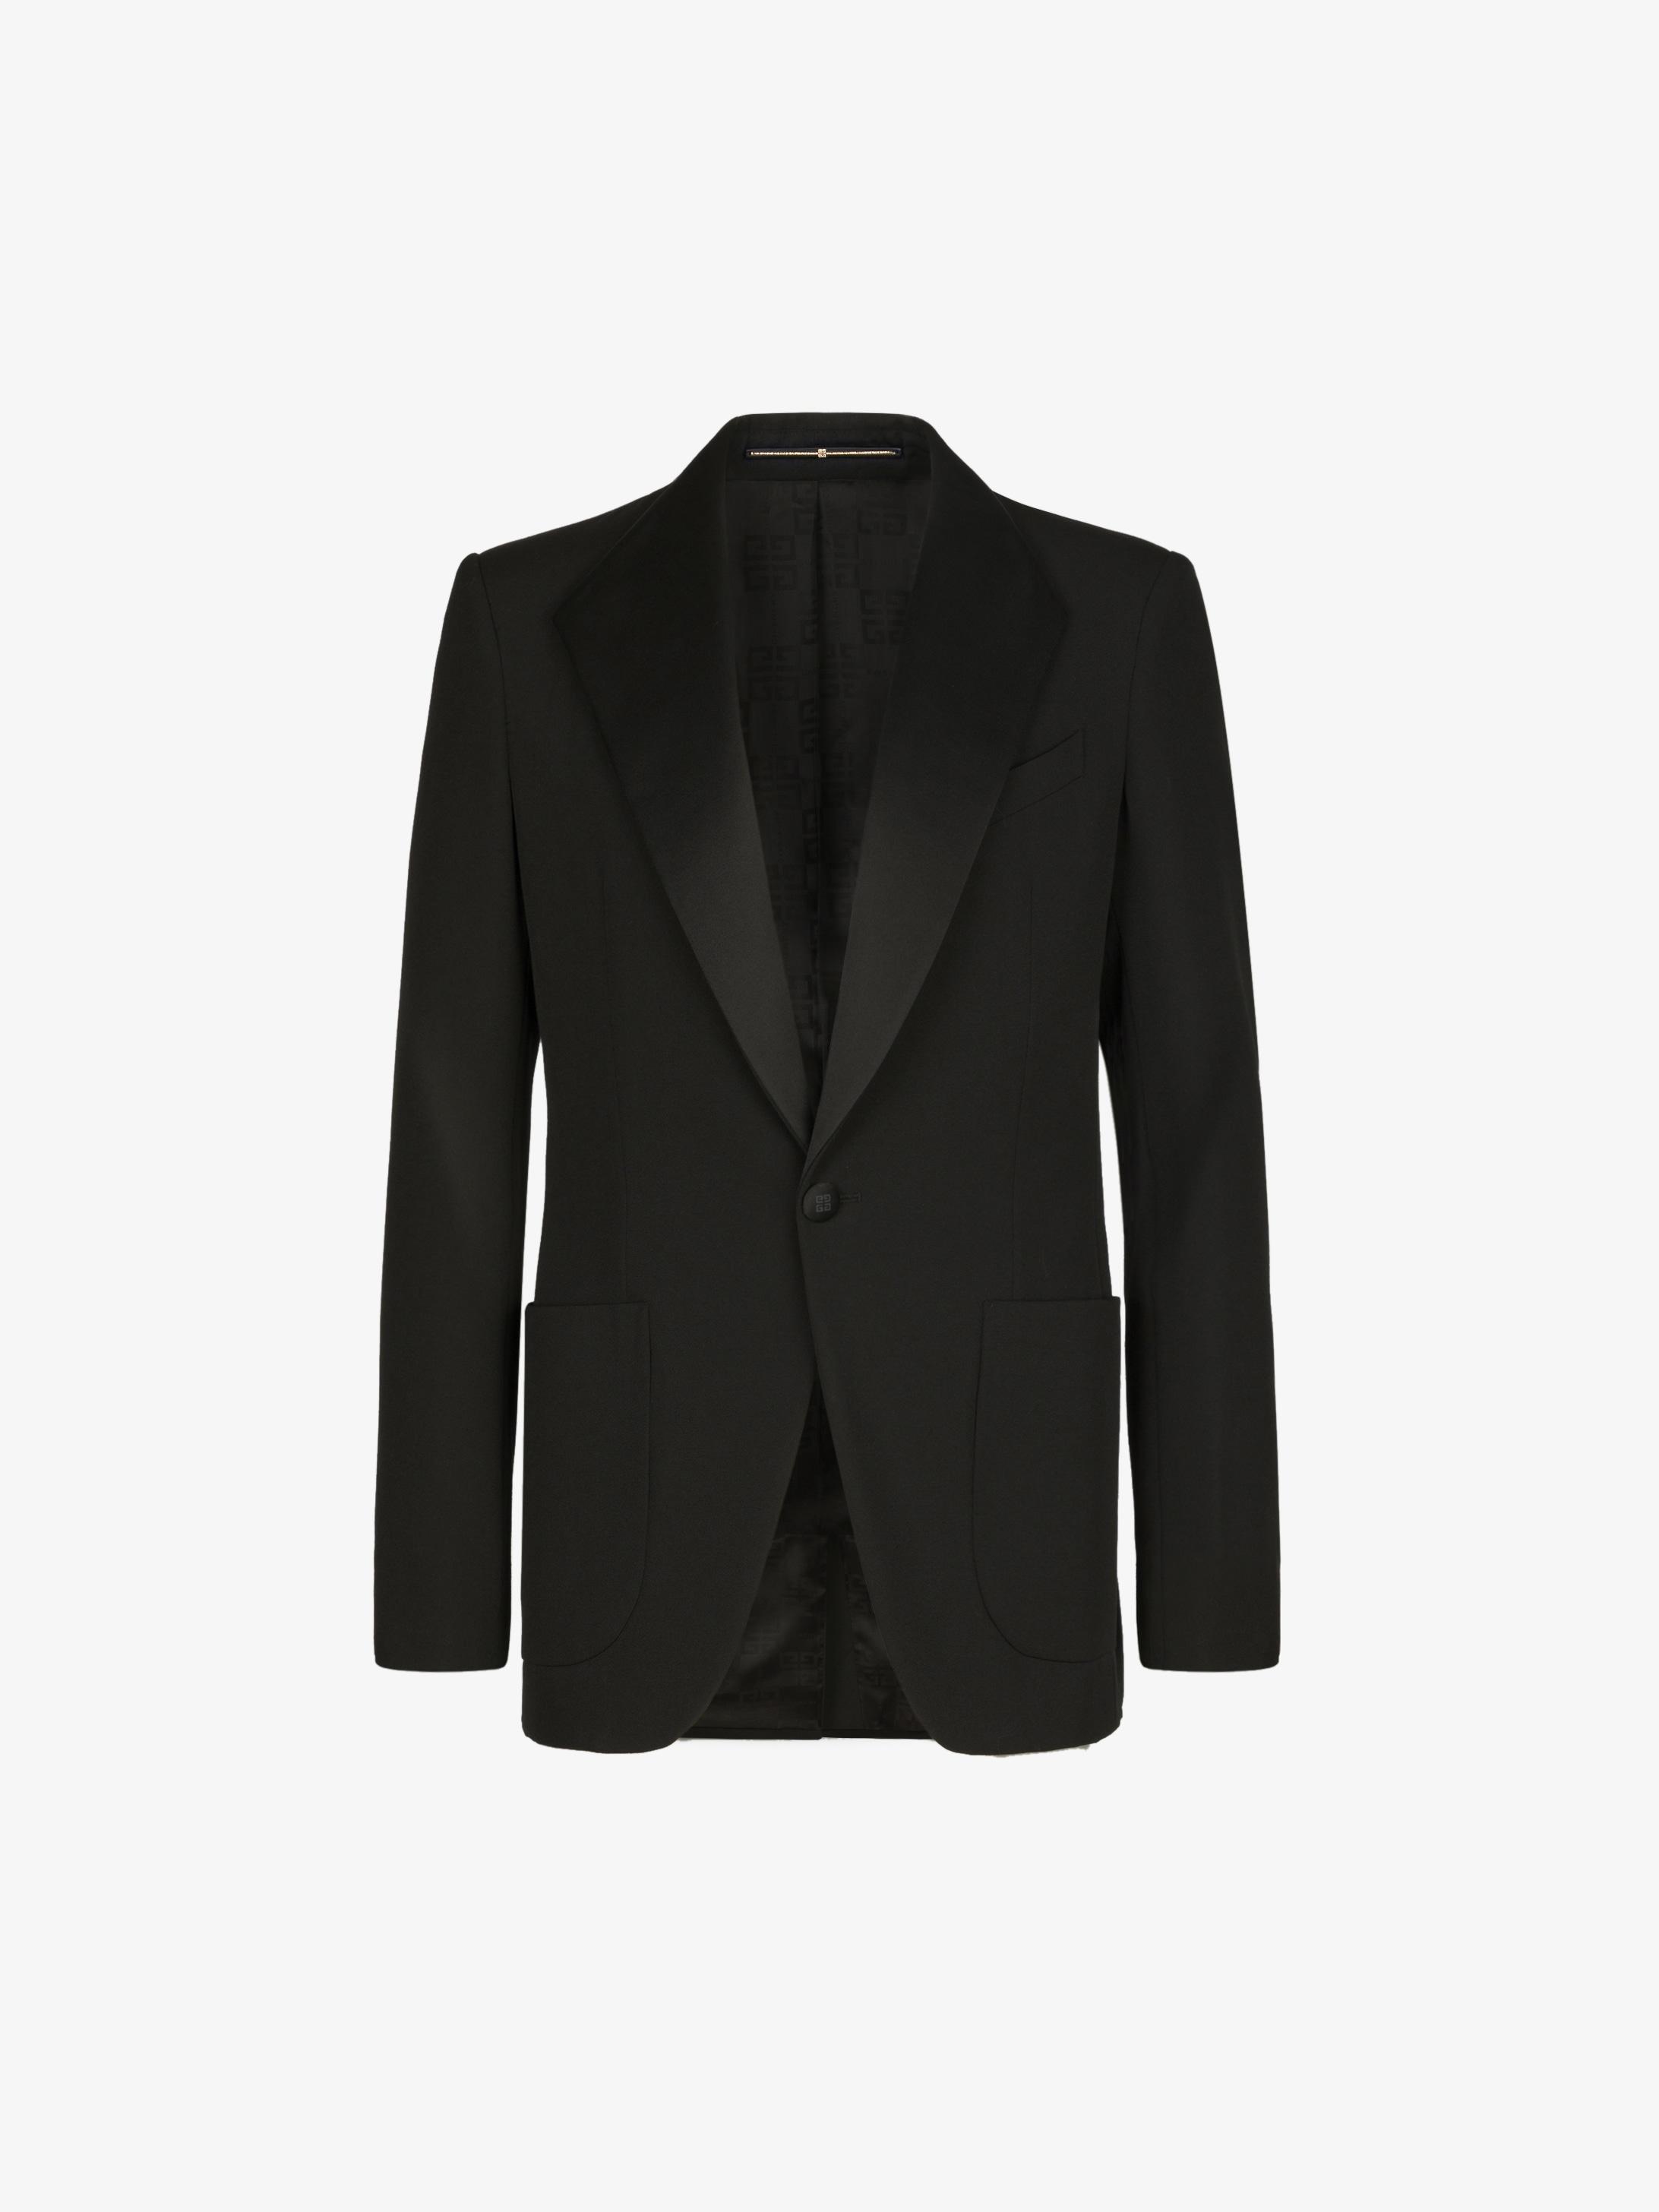 Tuxedo jacket in grain de poudre with satin collar